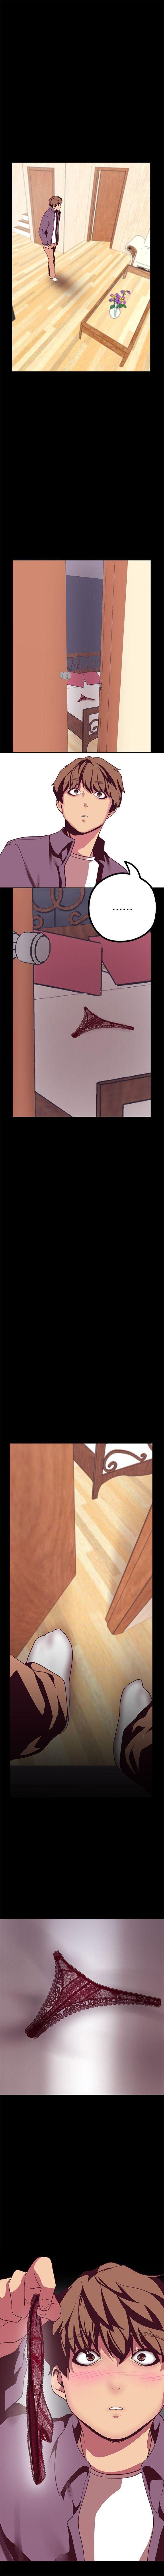 美麗新世界 1-85 官方中文(連載中) 140